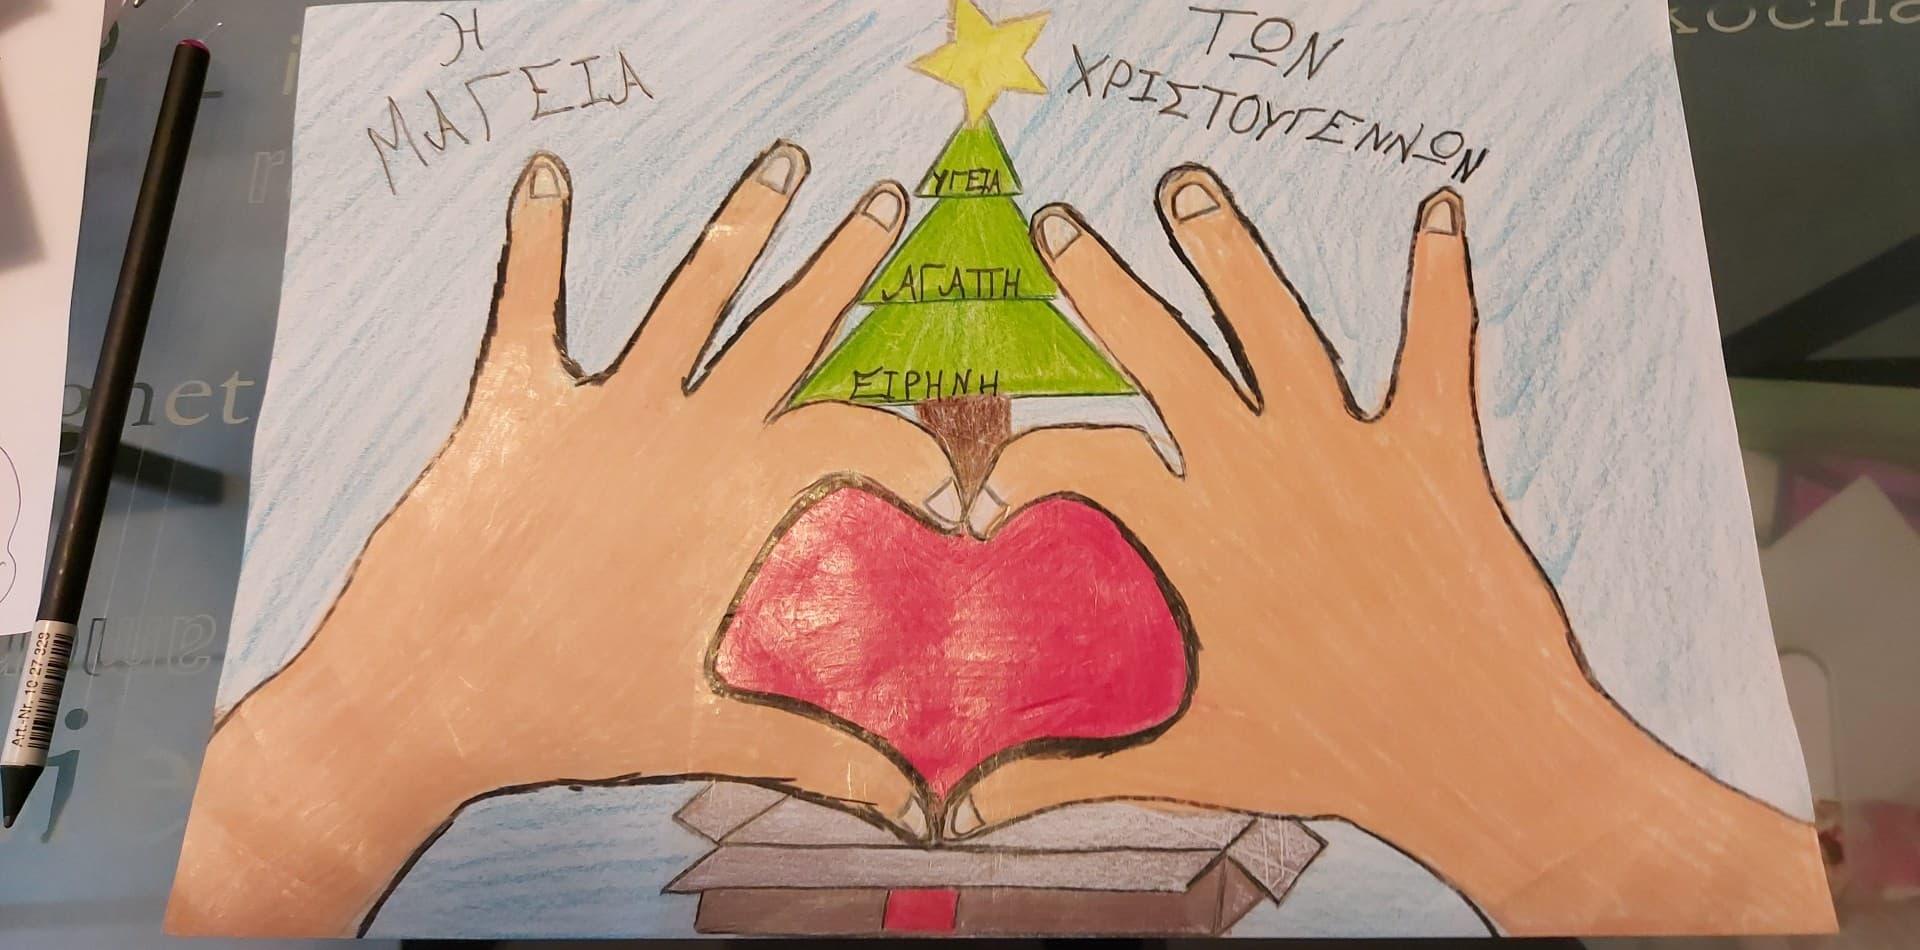 ΑΠΟΚΛΕΙΣΤΙΚΟΤΗΤΑ: Νέο Χριστουγεννιάτικο τραγούδι  – Thisisus.gr